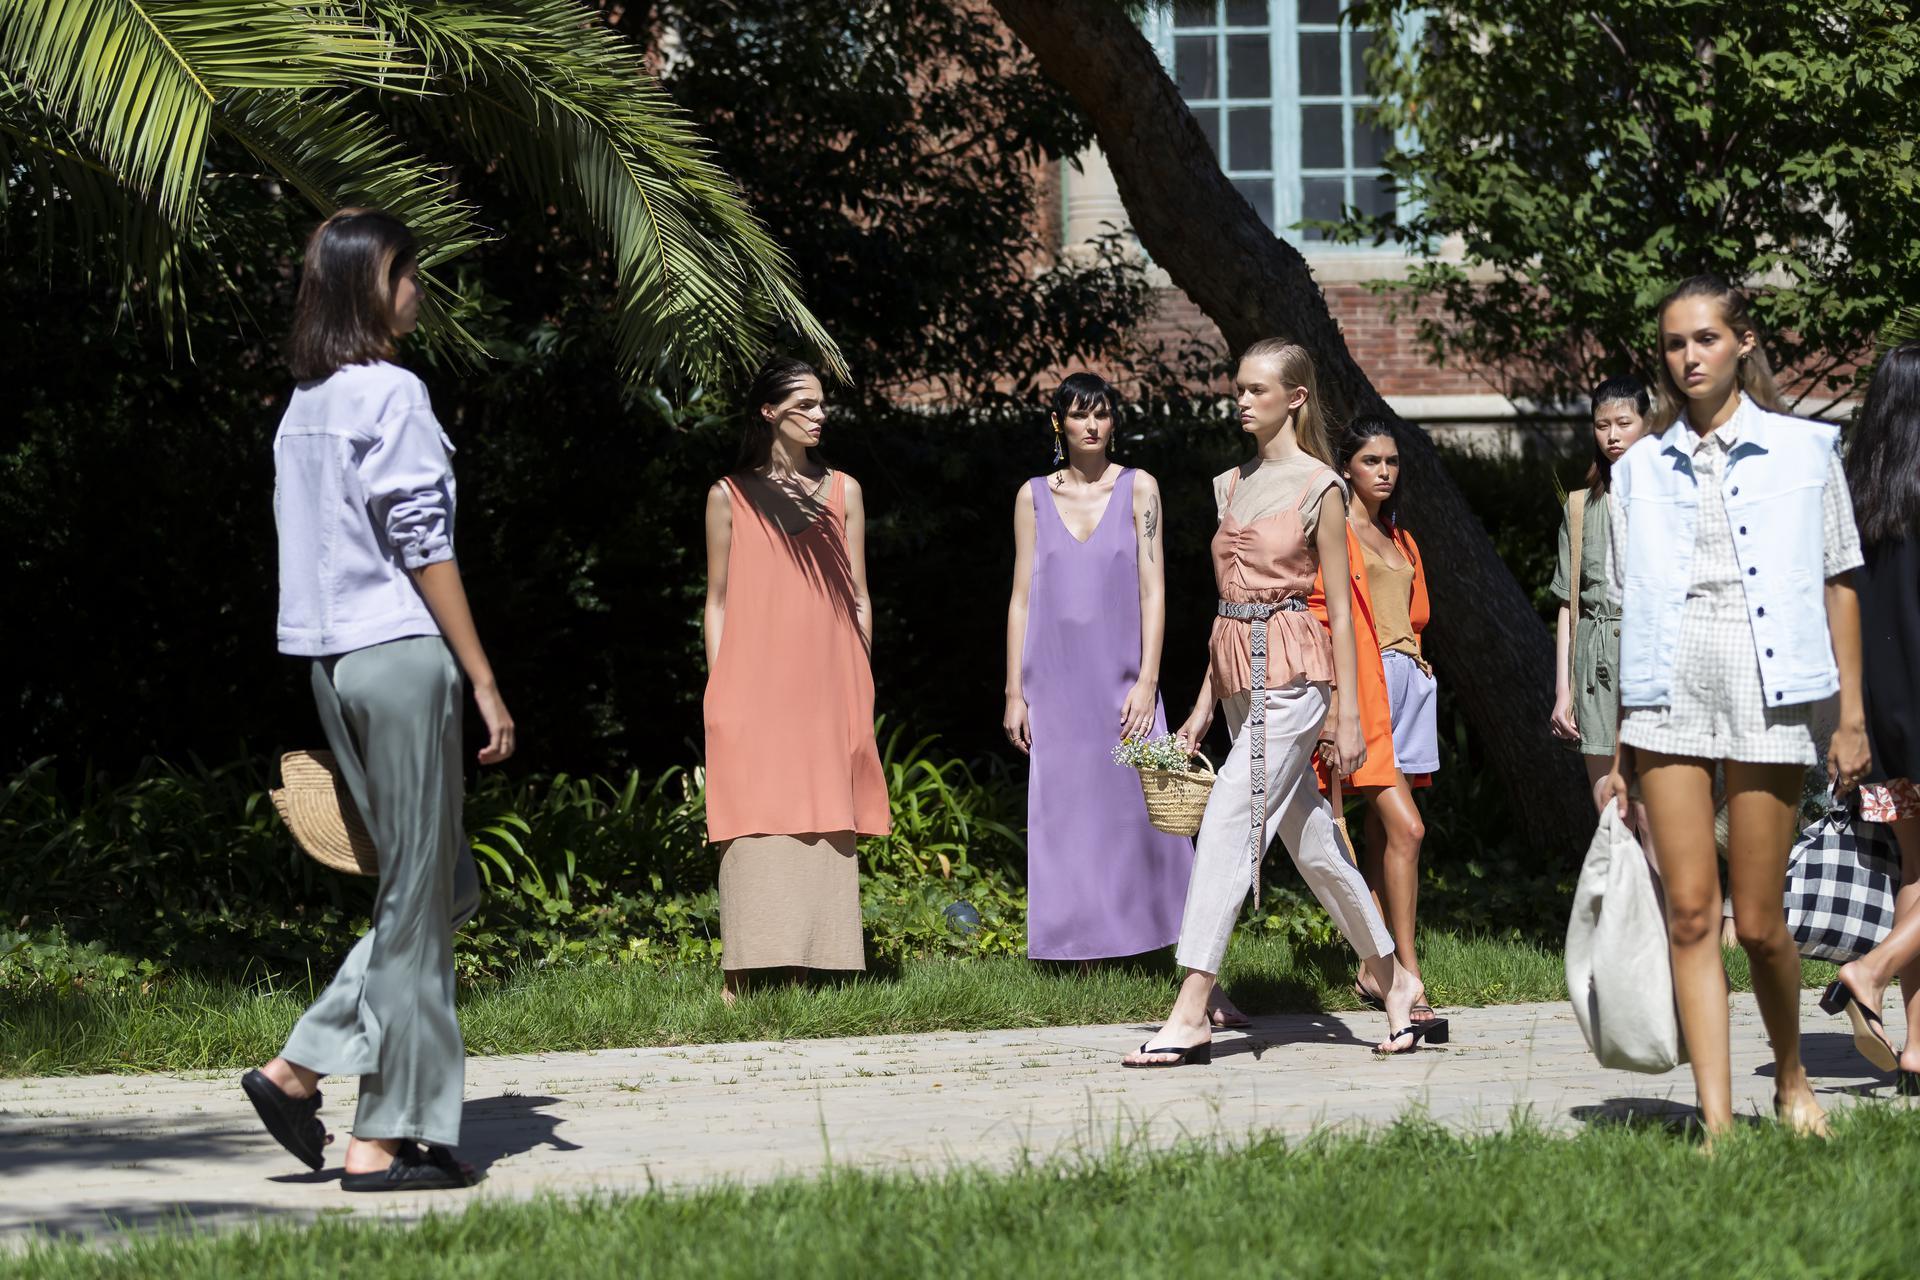 Yerse%20ambient 1020 - Tercera sesión de 080 Barcelona Fashion Digital Edition